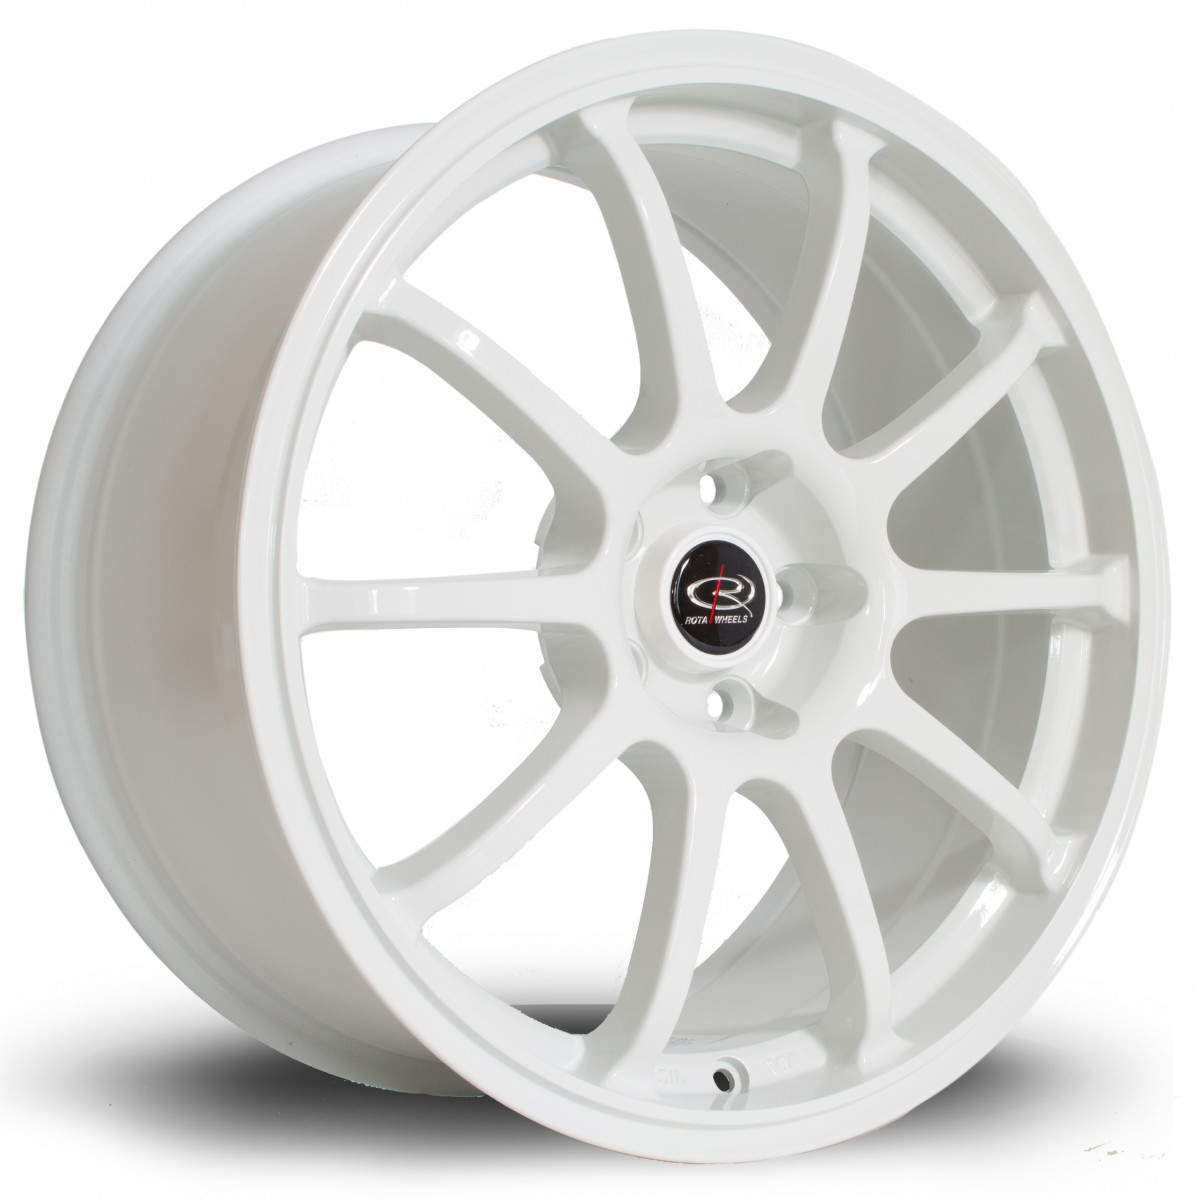 Force 17x7.5 5x114 ET45 White